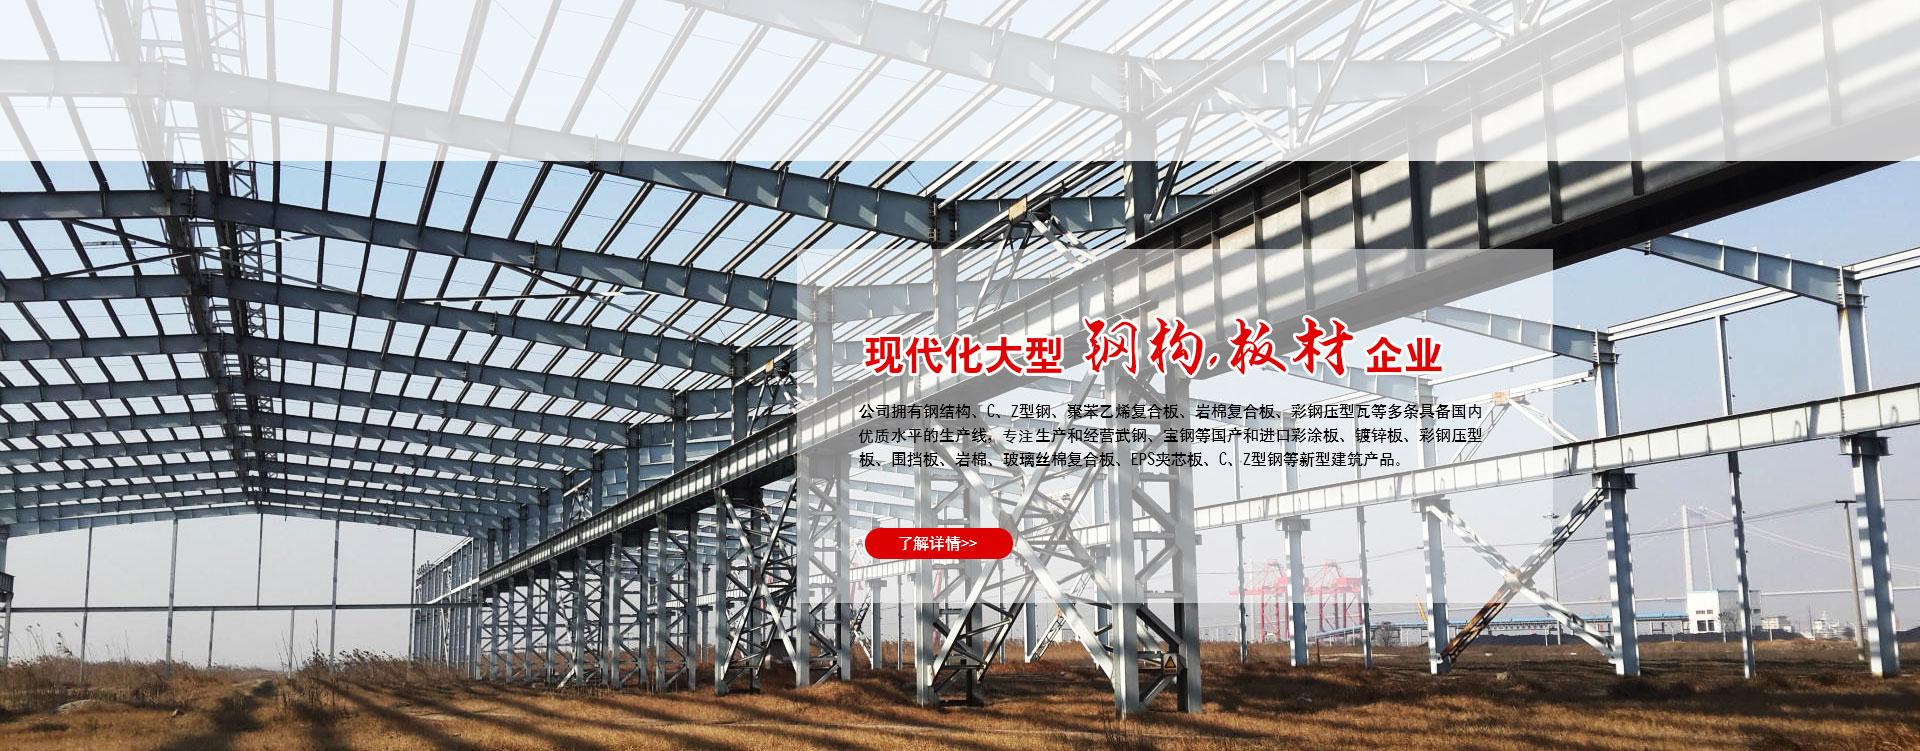 诚信钢结构集团